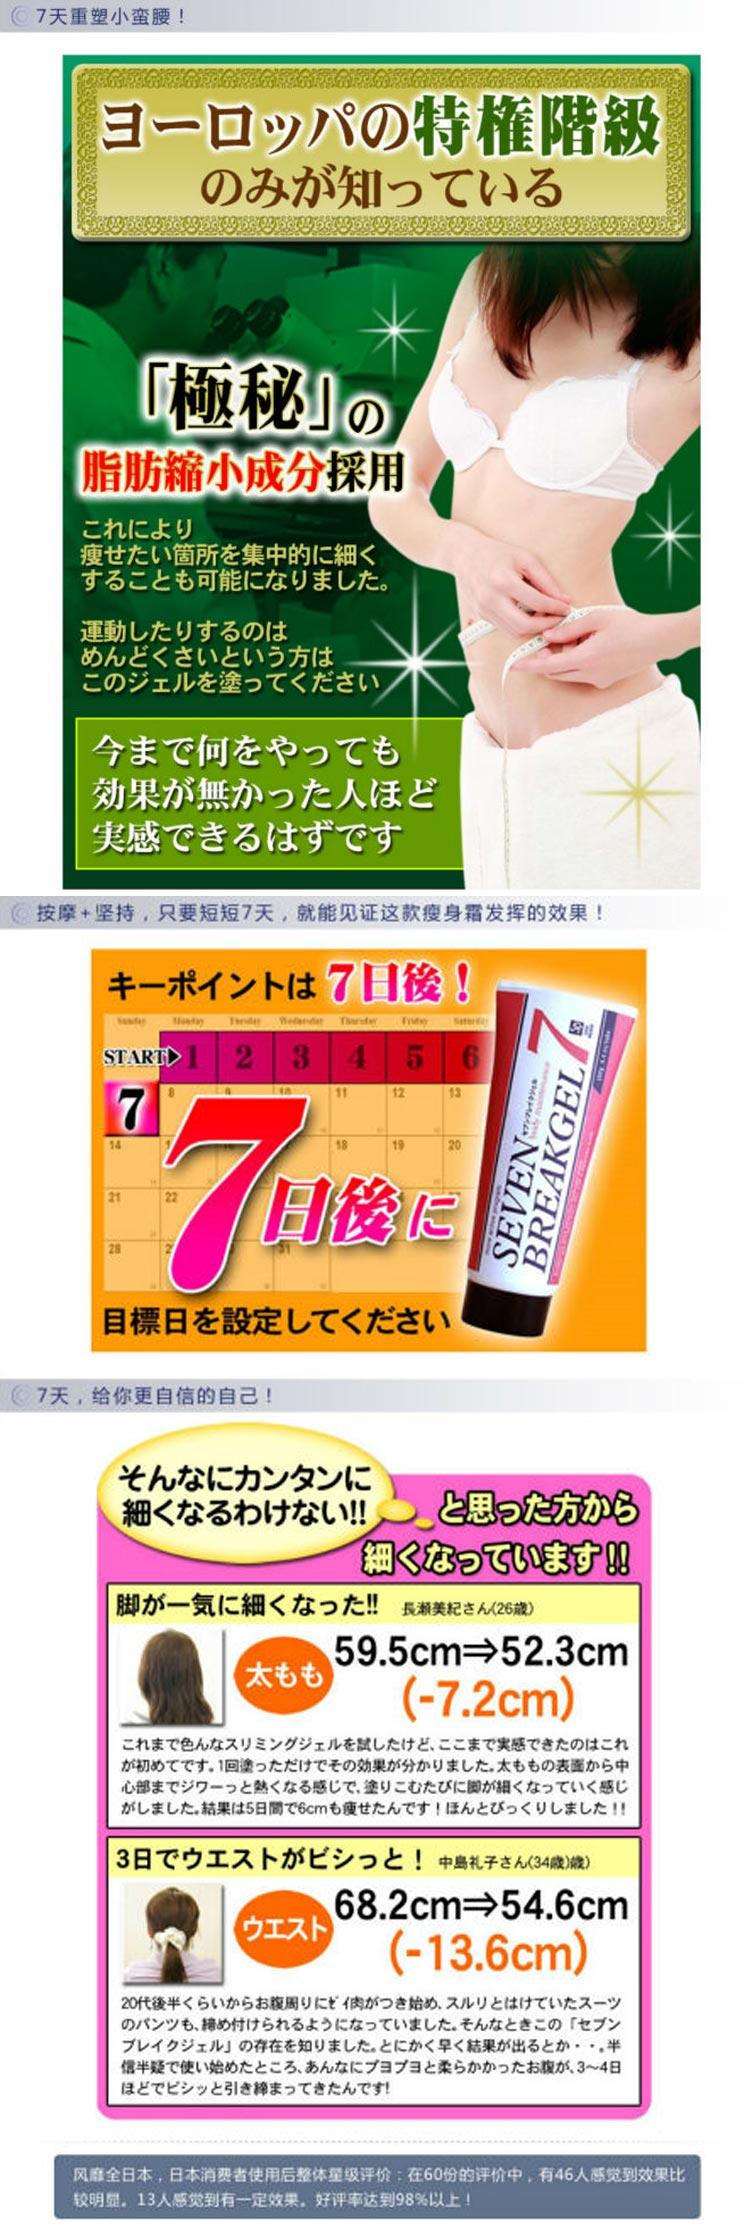 Japan Seven Break Lose Weight 7 Efficient Gel Slimming Cream Full-Body Slimming Gel